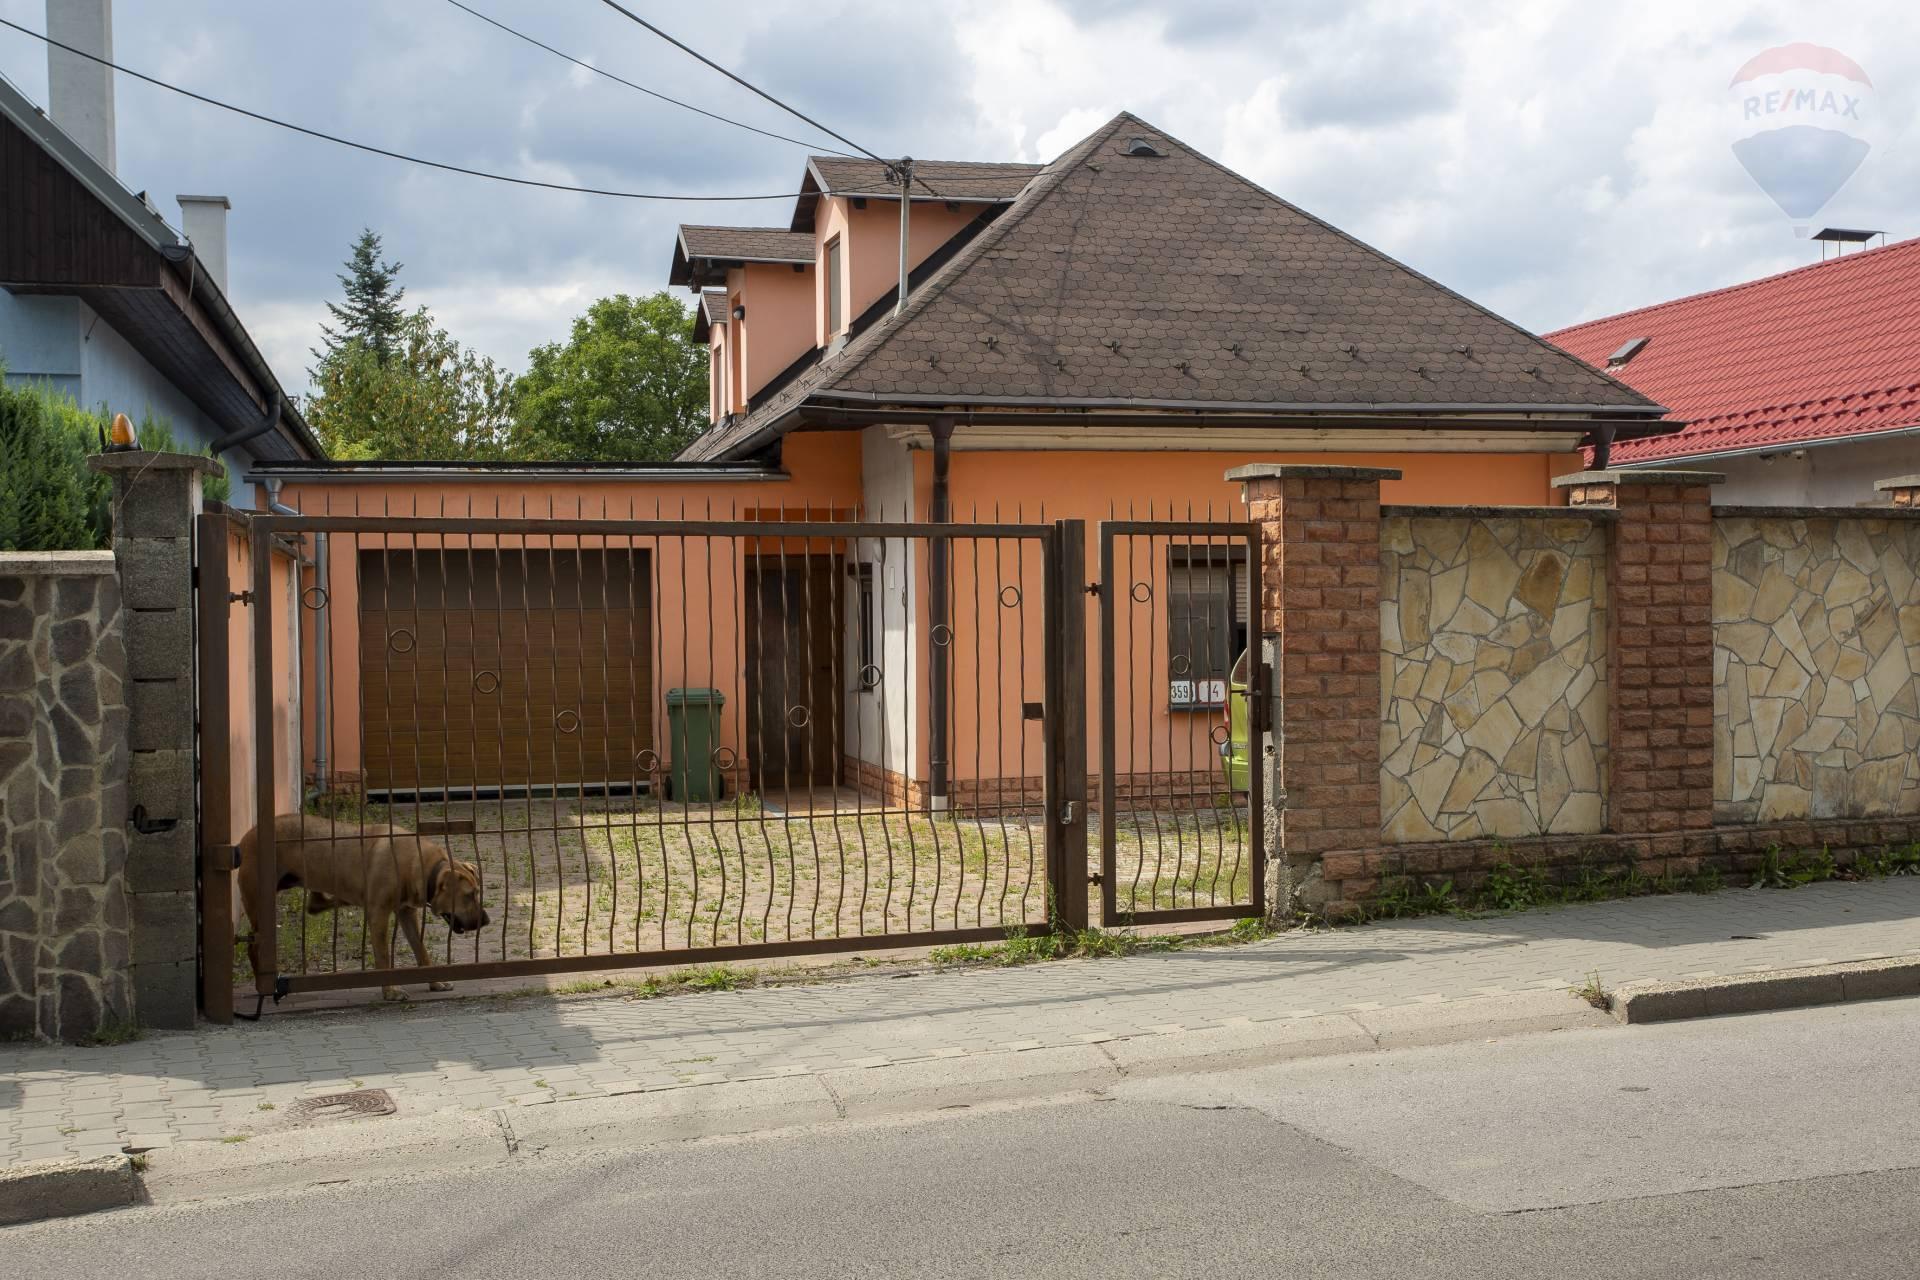 PREDAJ: Dom pre aktívny život, 161 m2, Banská Bystrica - Majer